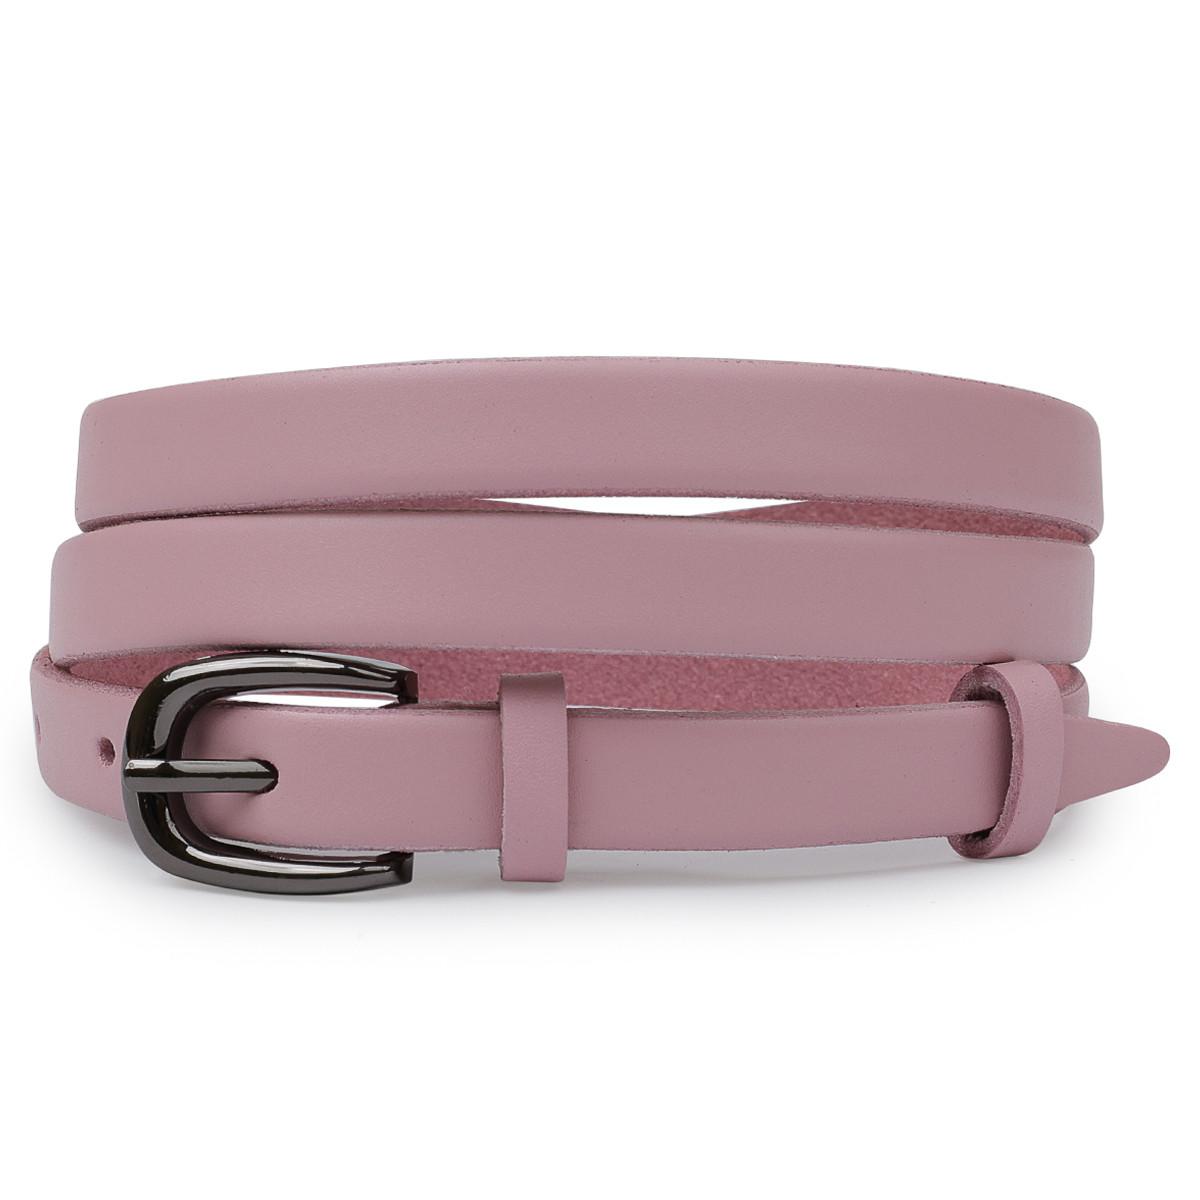 Тонкий ремінь з натуральної шкіри Vintage 20761 Рожевий